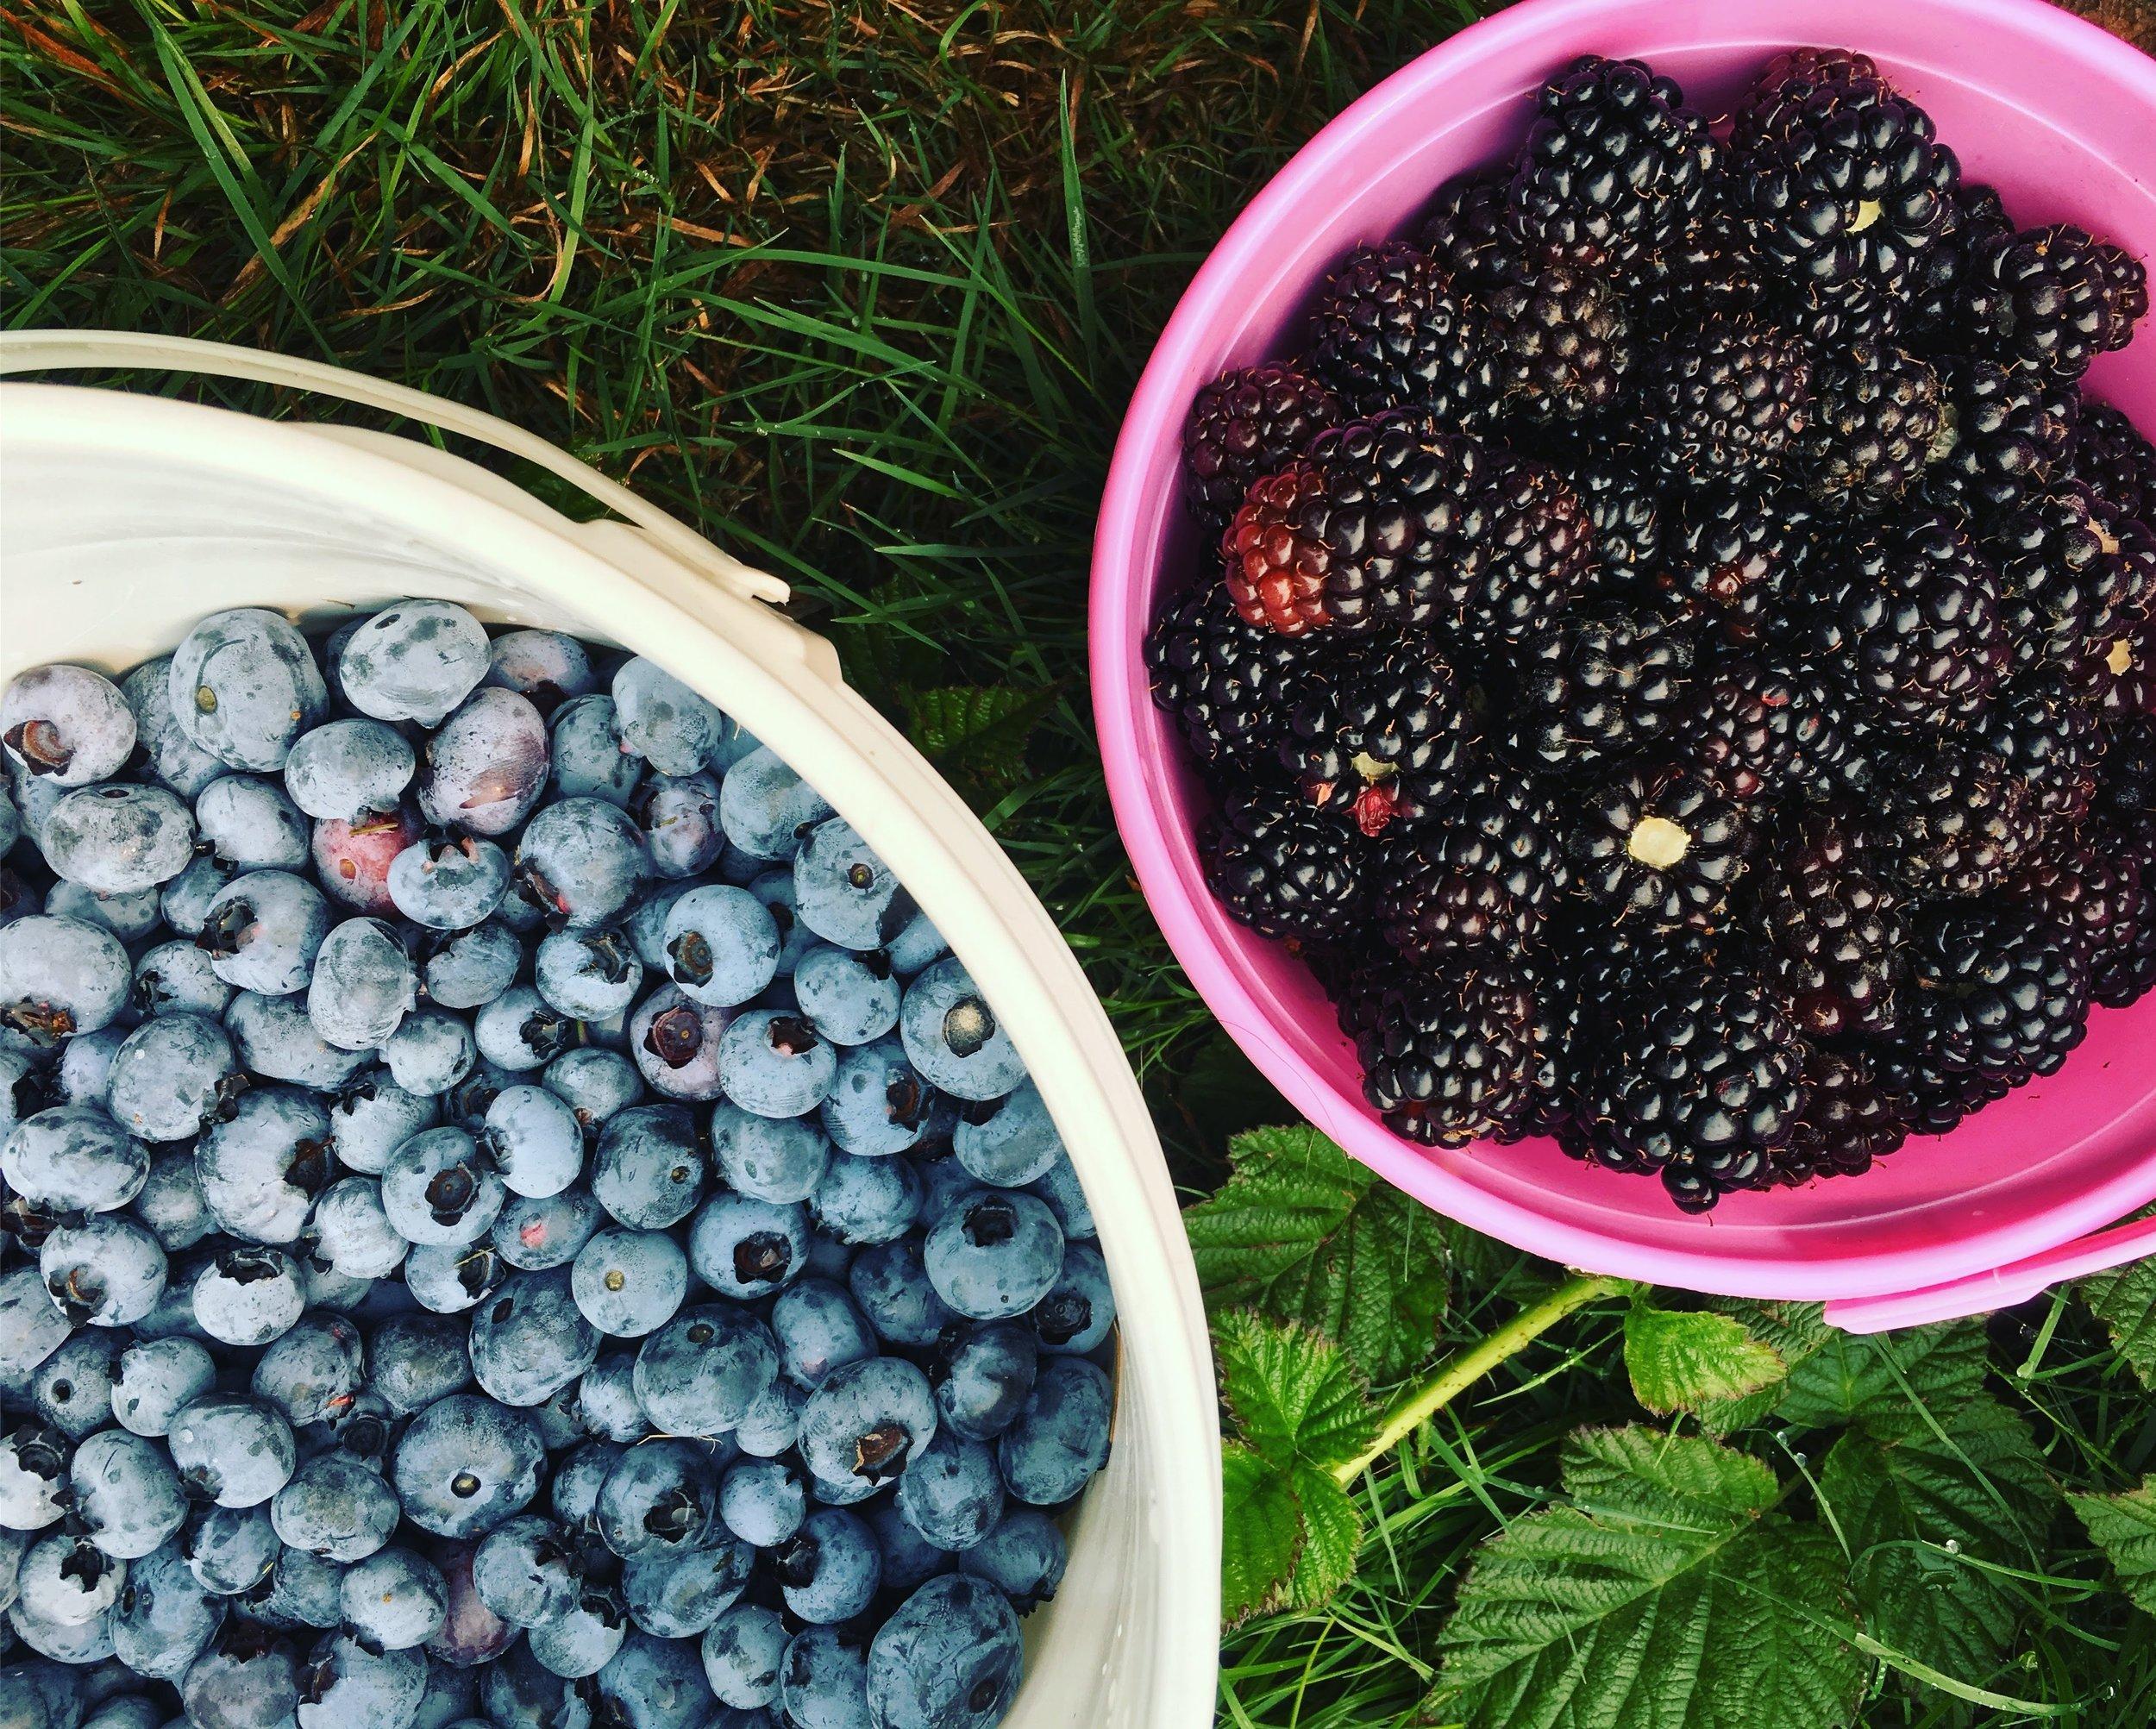 Blueberries and Blackberries.JPG